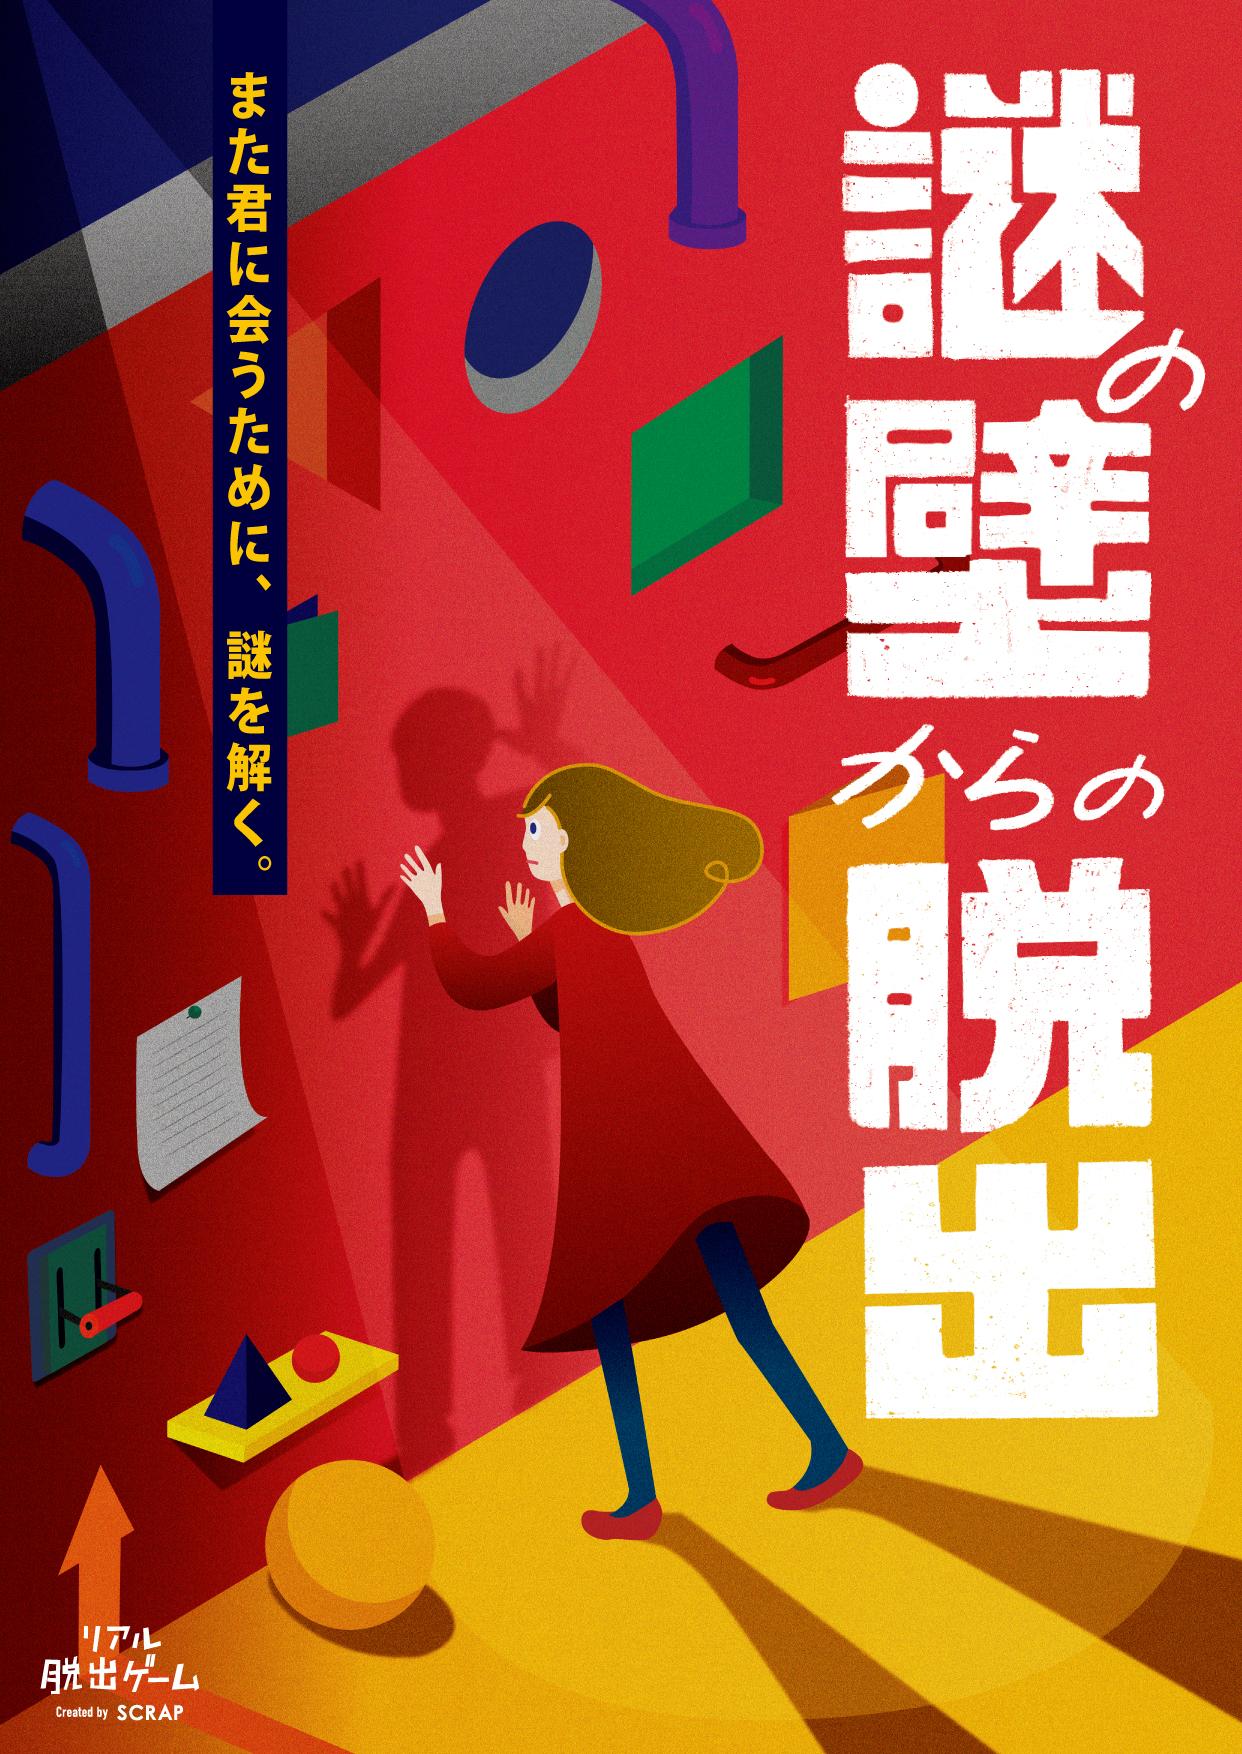 【名古屋】リアル脱出ゲーム 謎の壁からの脱出